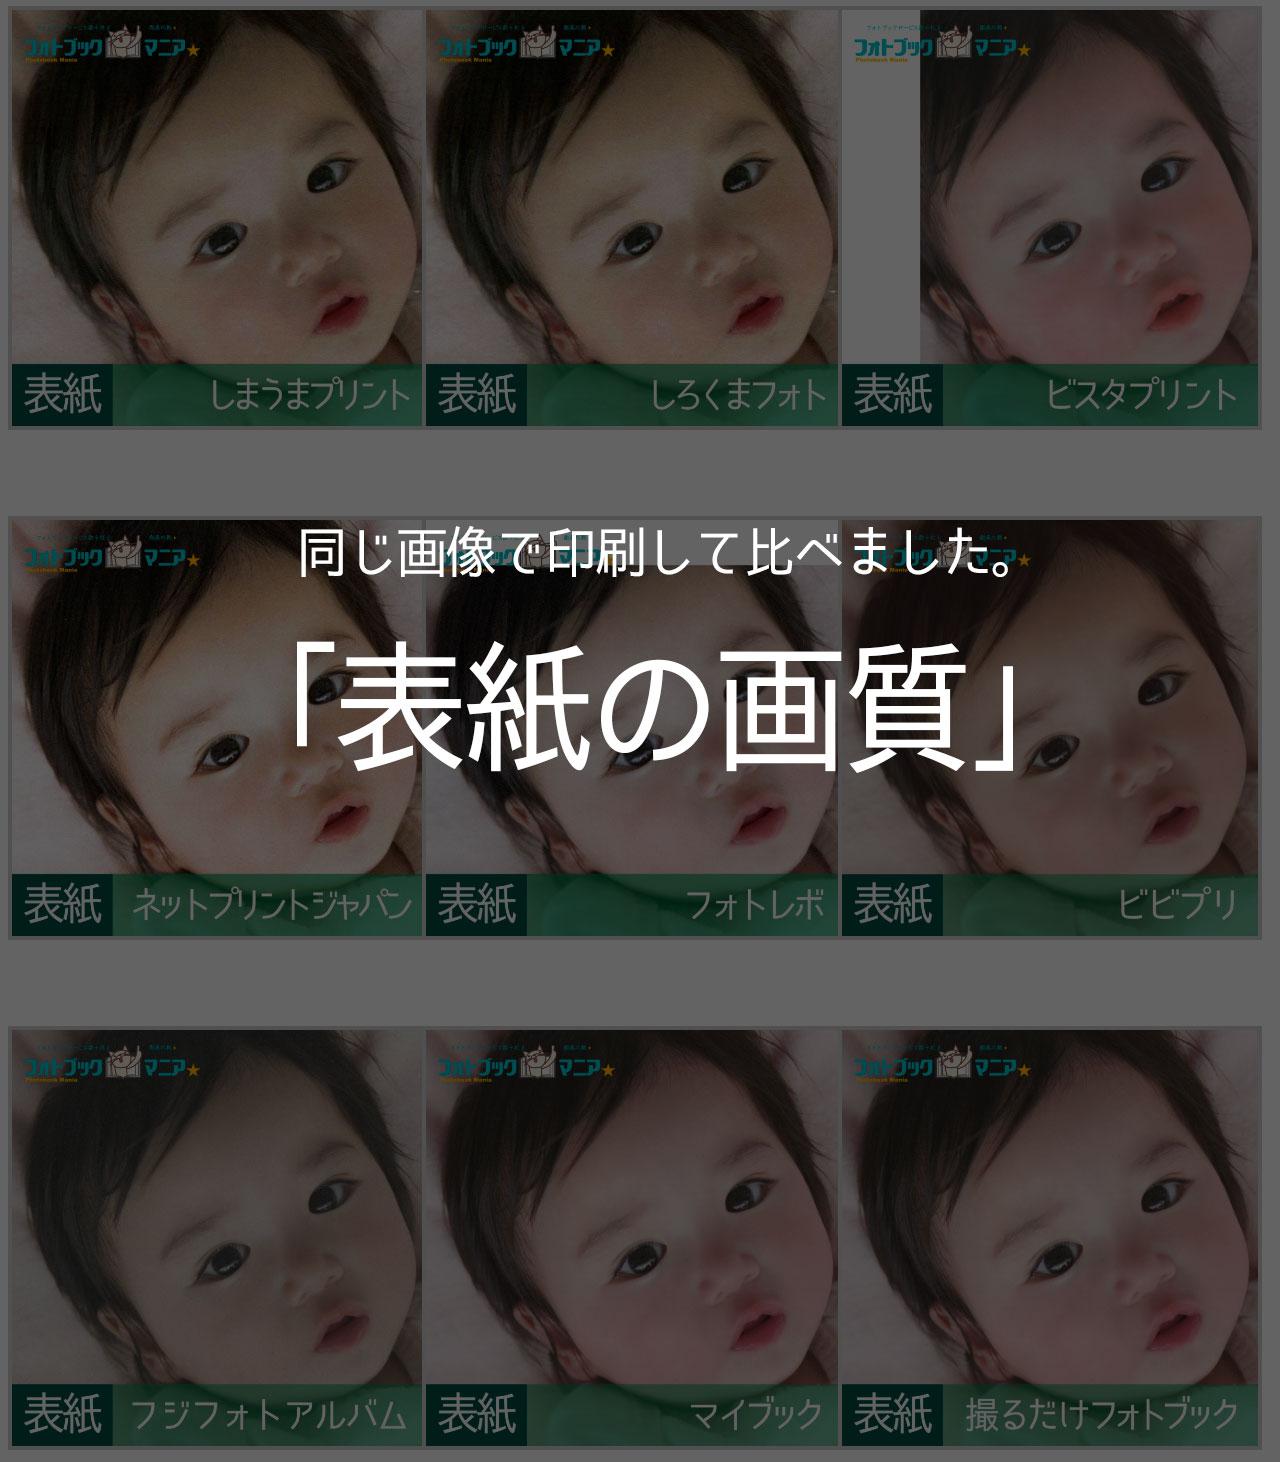 フォトブックの表紙の画質で比較【画像一覧】同じ写真で作りました。